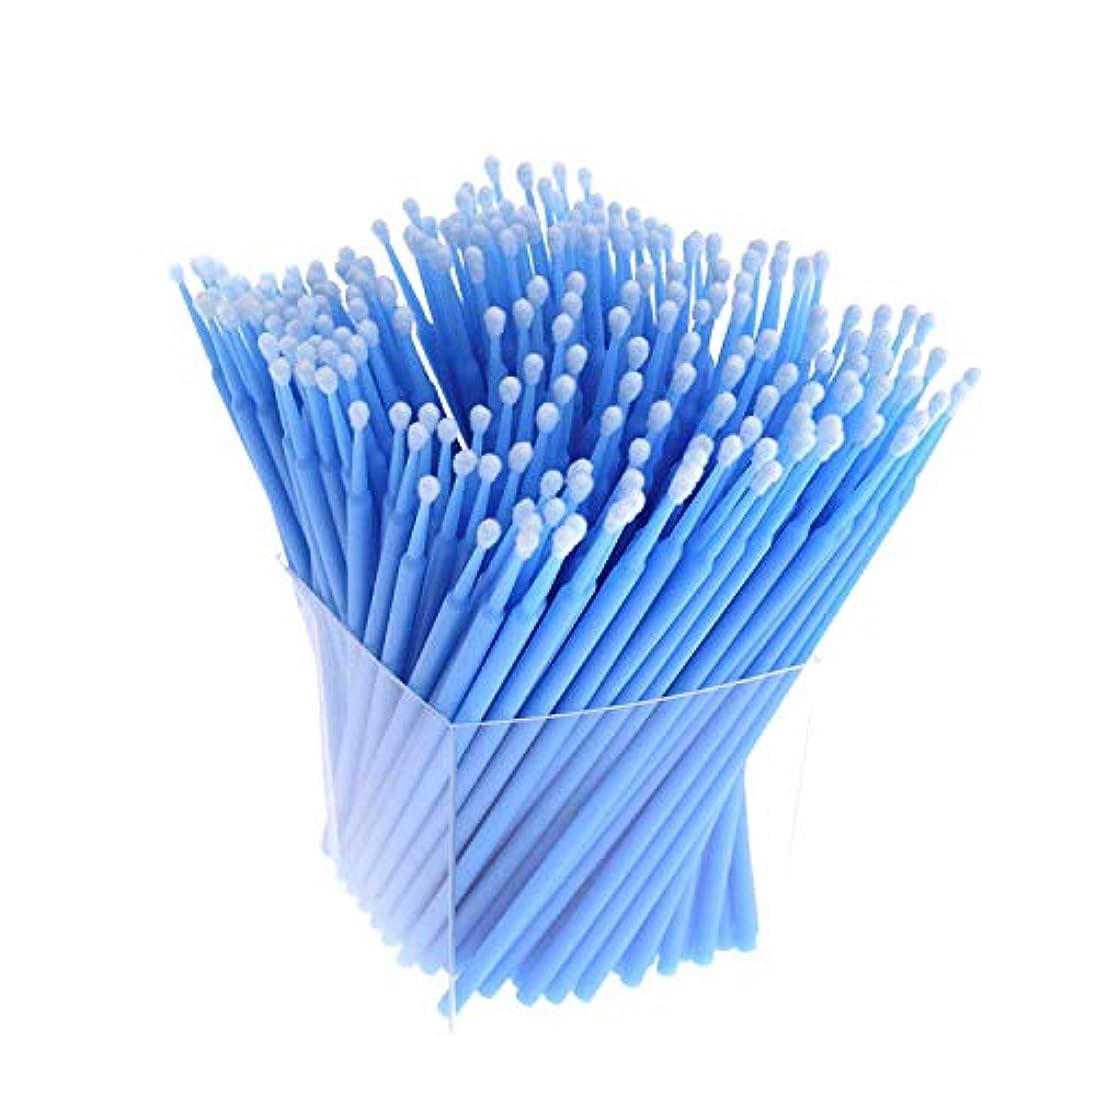 川損なう桁SODIAL 200本、アプリケーター、まつげ用綿棒、マイクロ-ブラシ、使い捨てマイクロ-ブラシ、延長化粧工具-青色